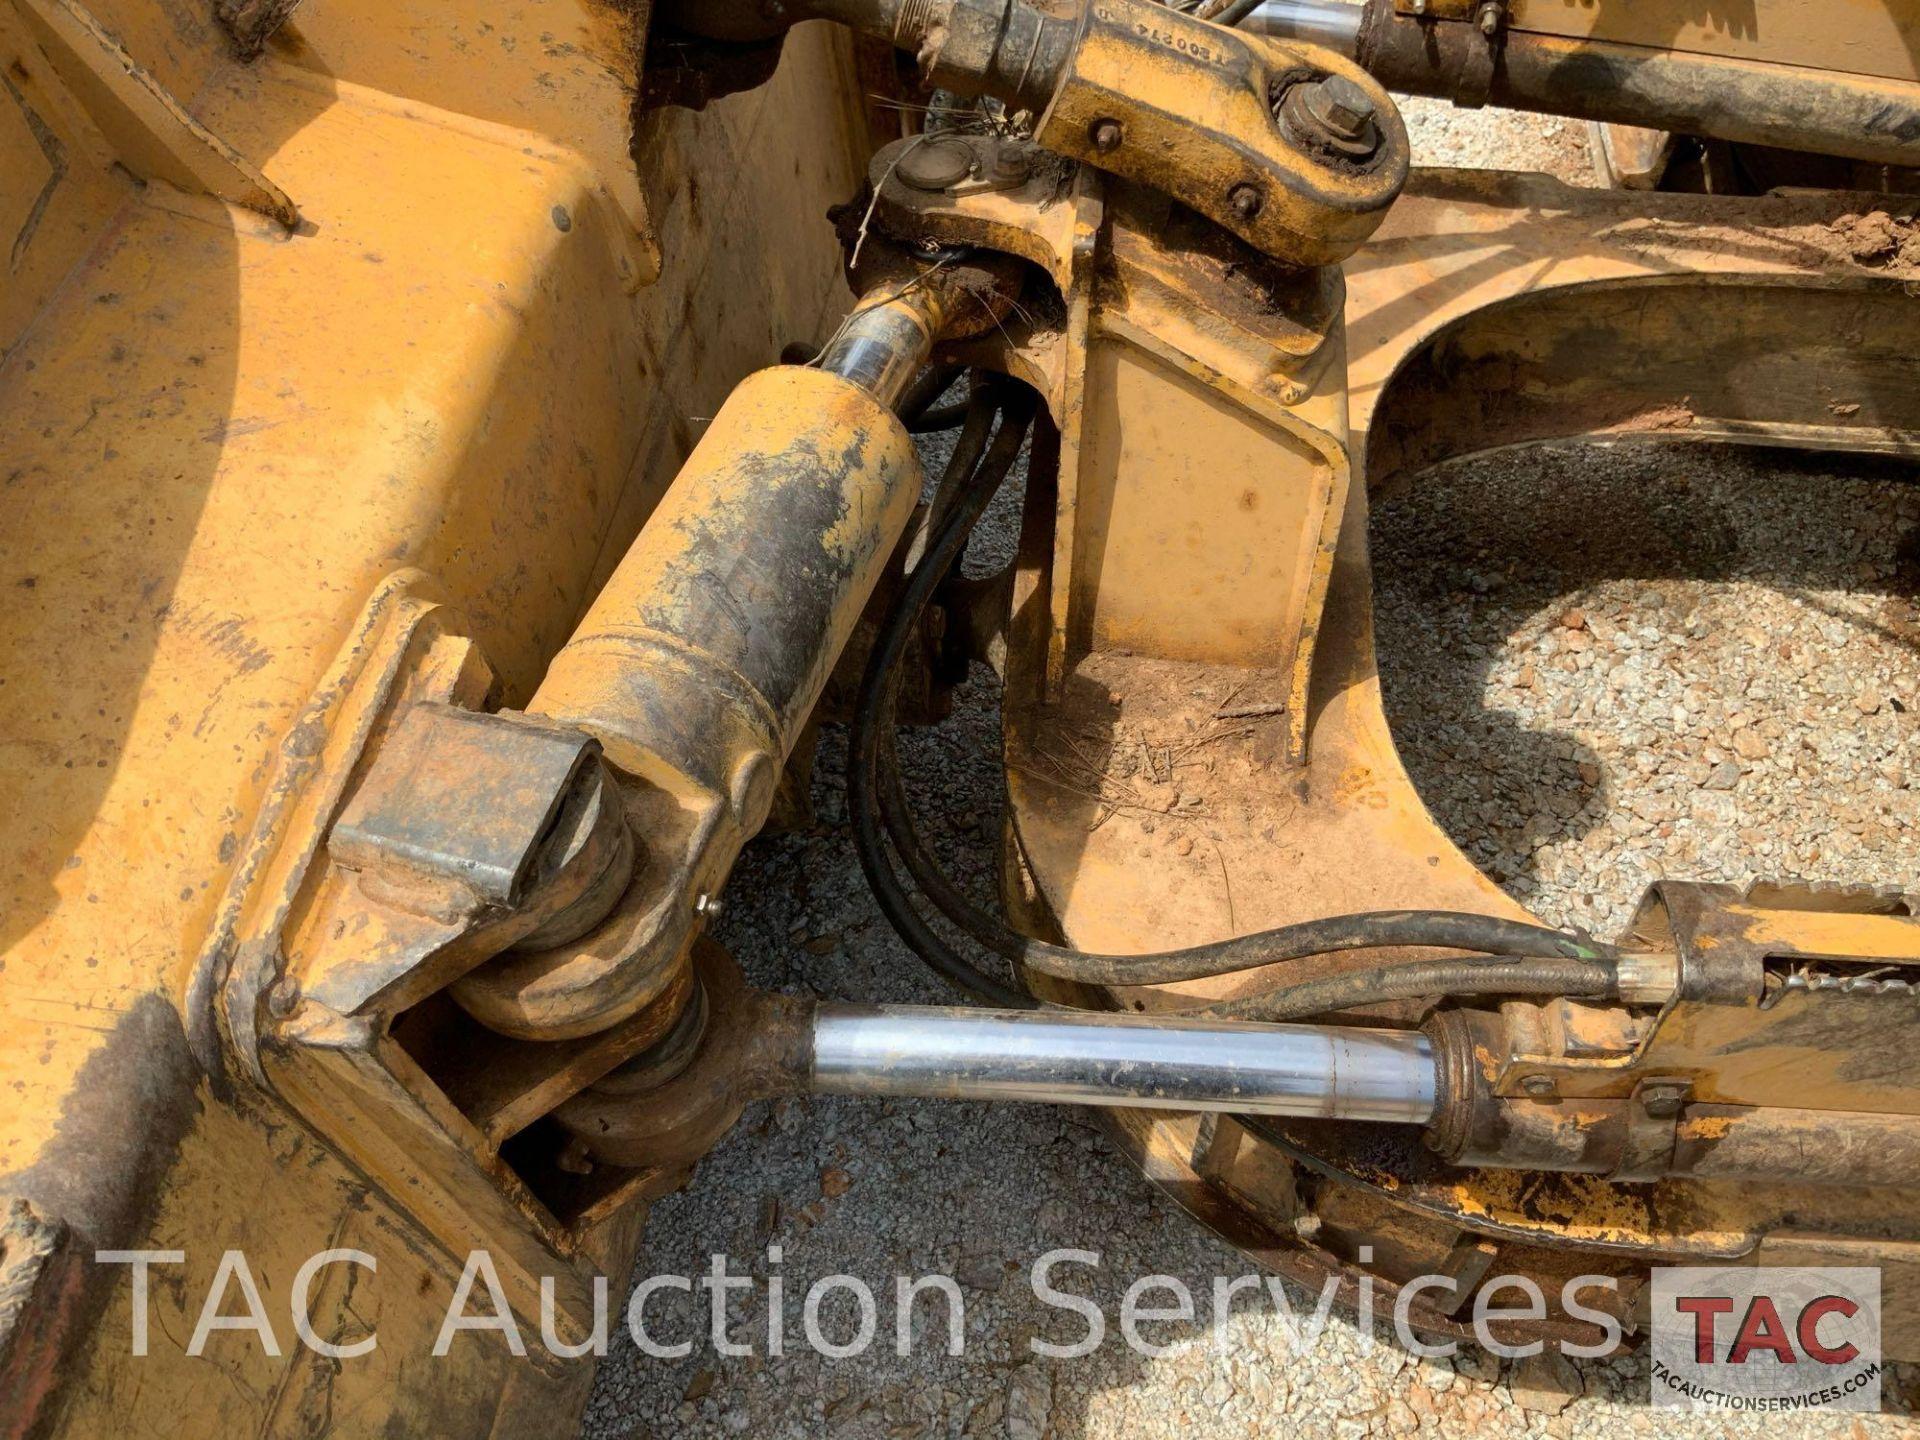 John Deere JD650J Dozer - Image 20 of 30